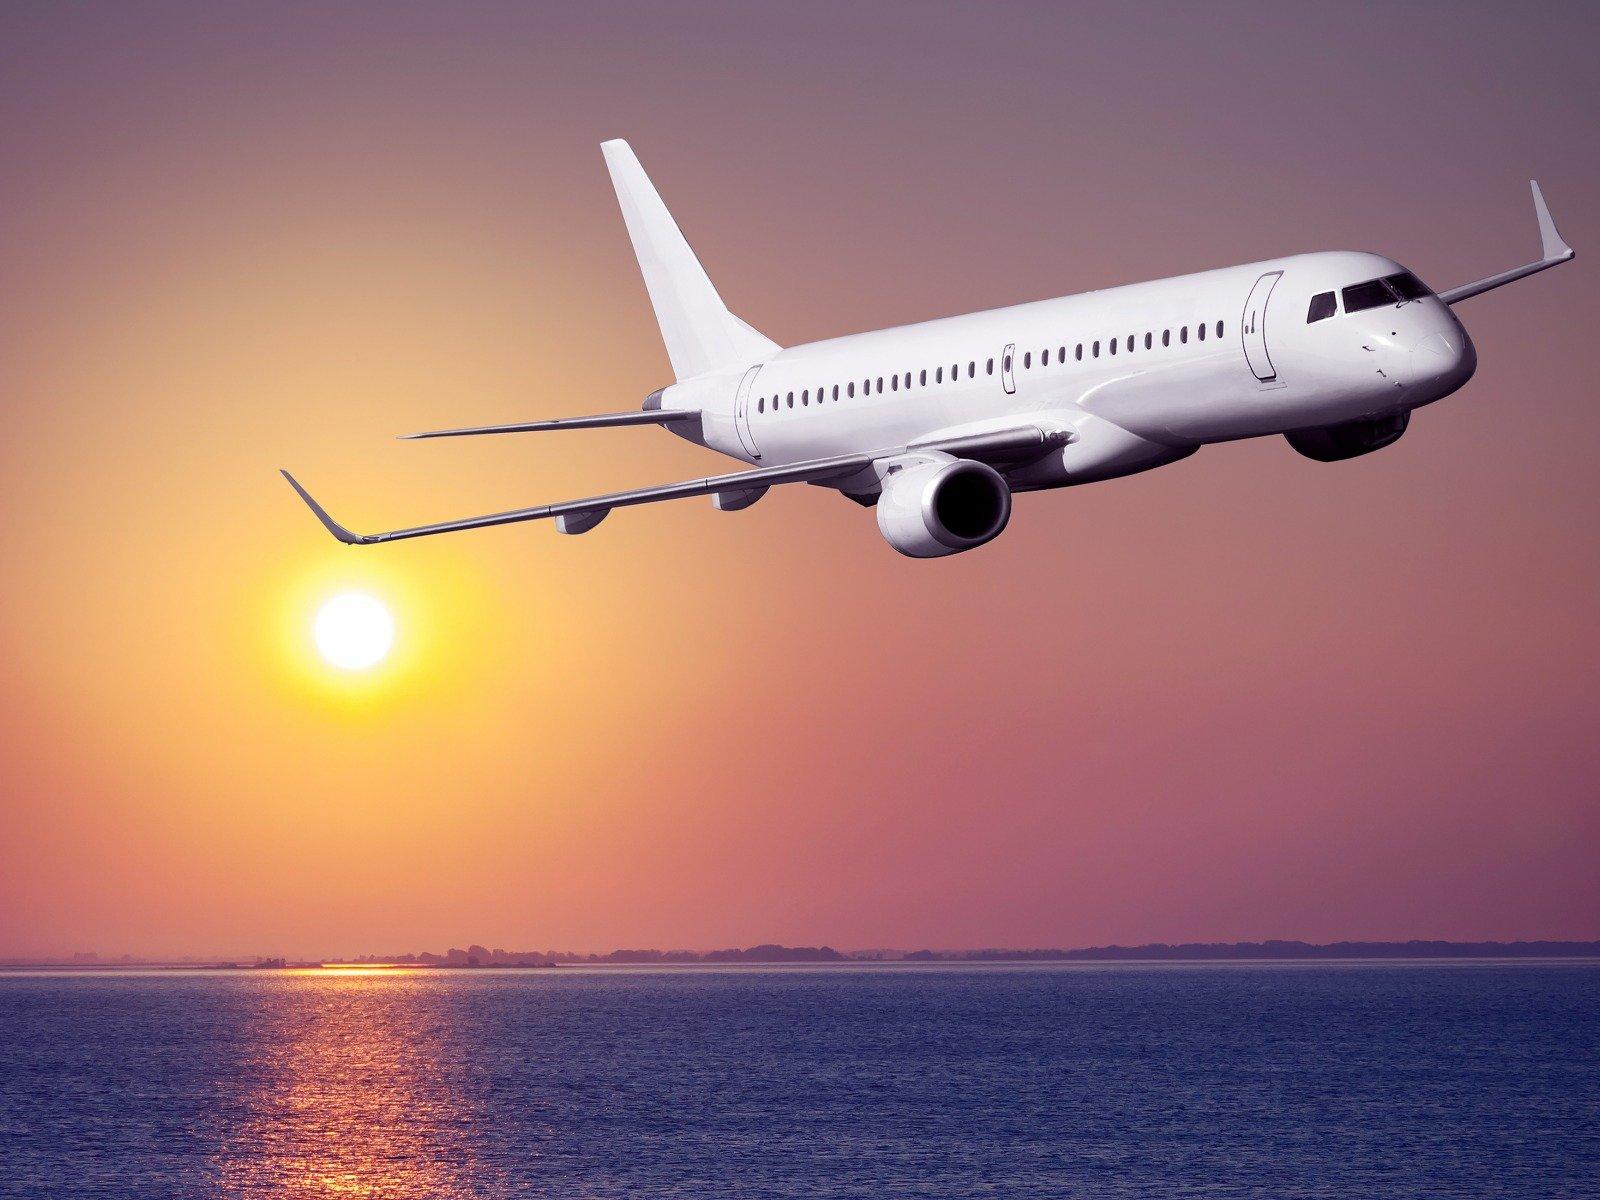 Как строят персональные самолеты – интервью с директором AVIAV TM